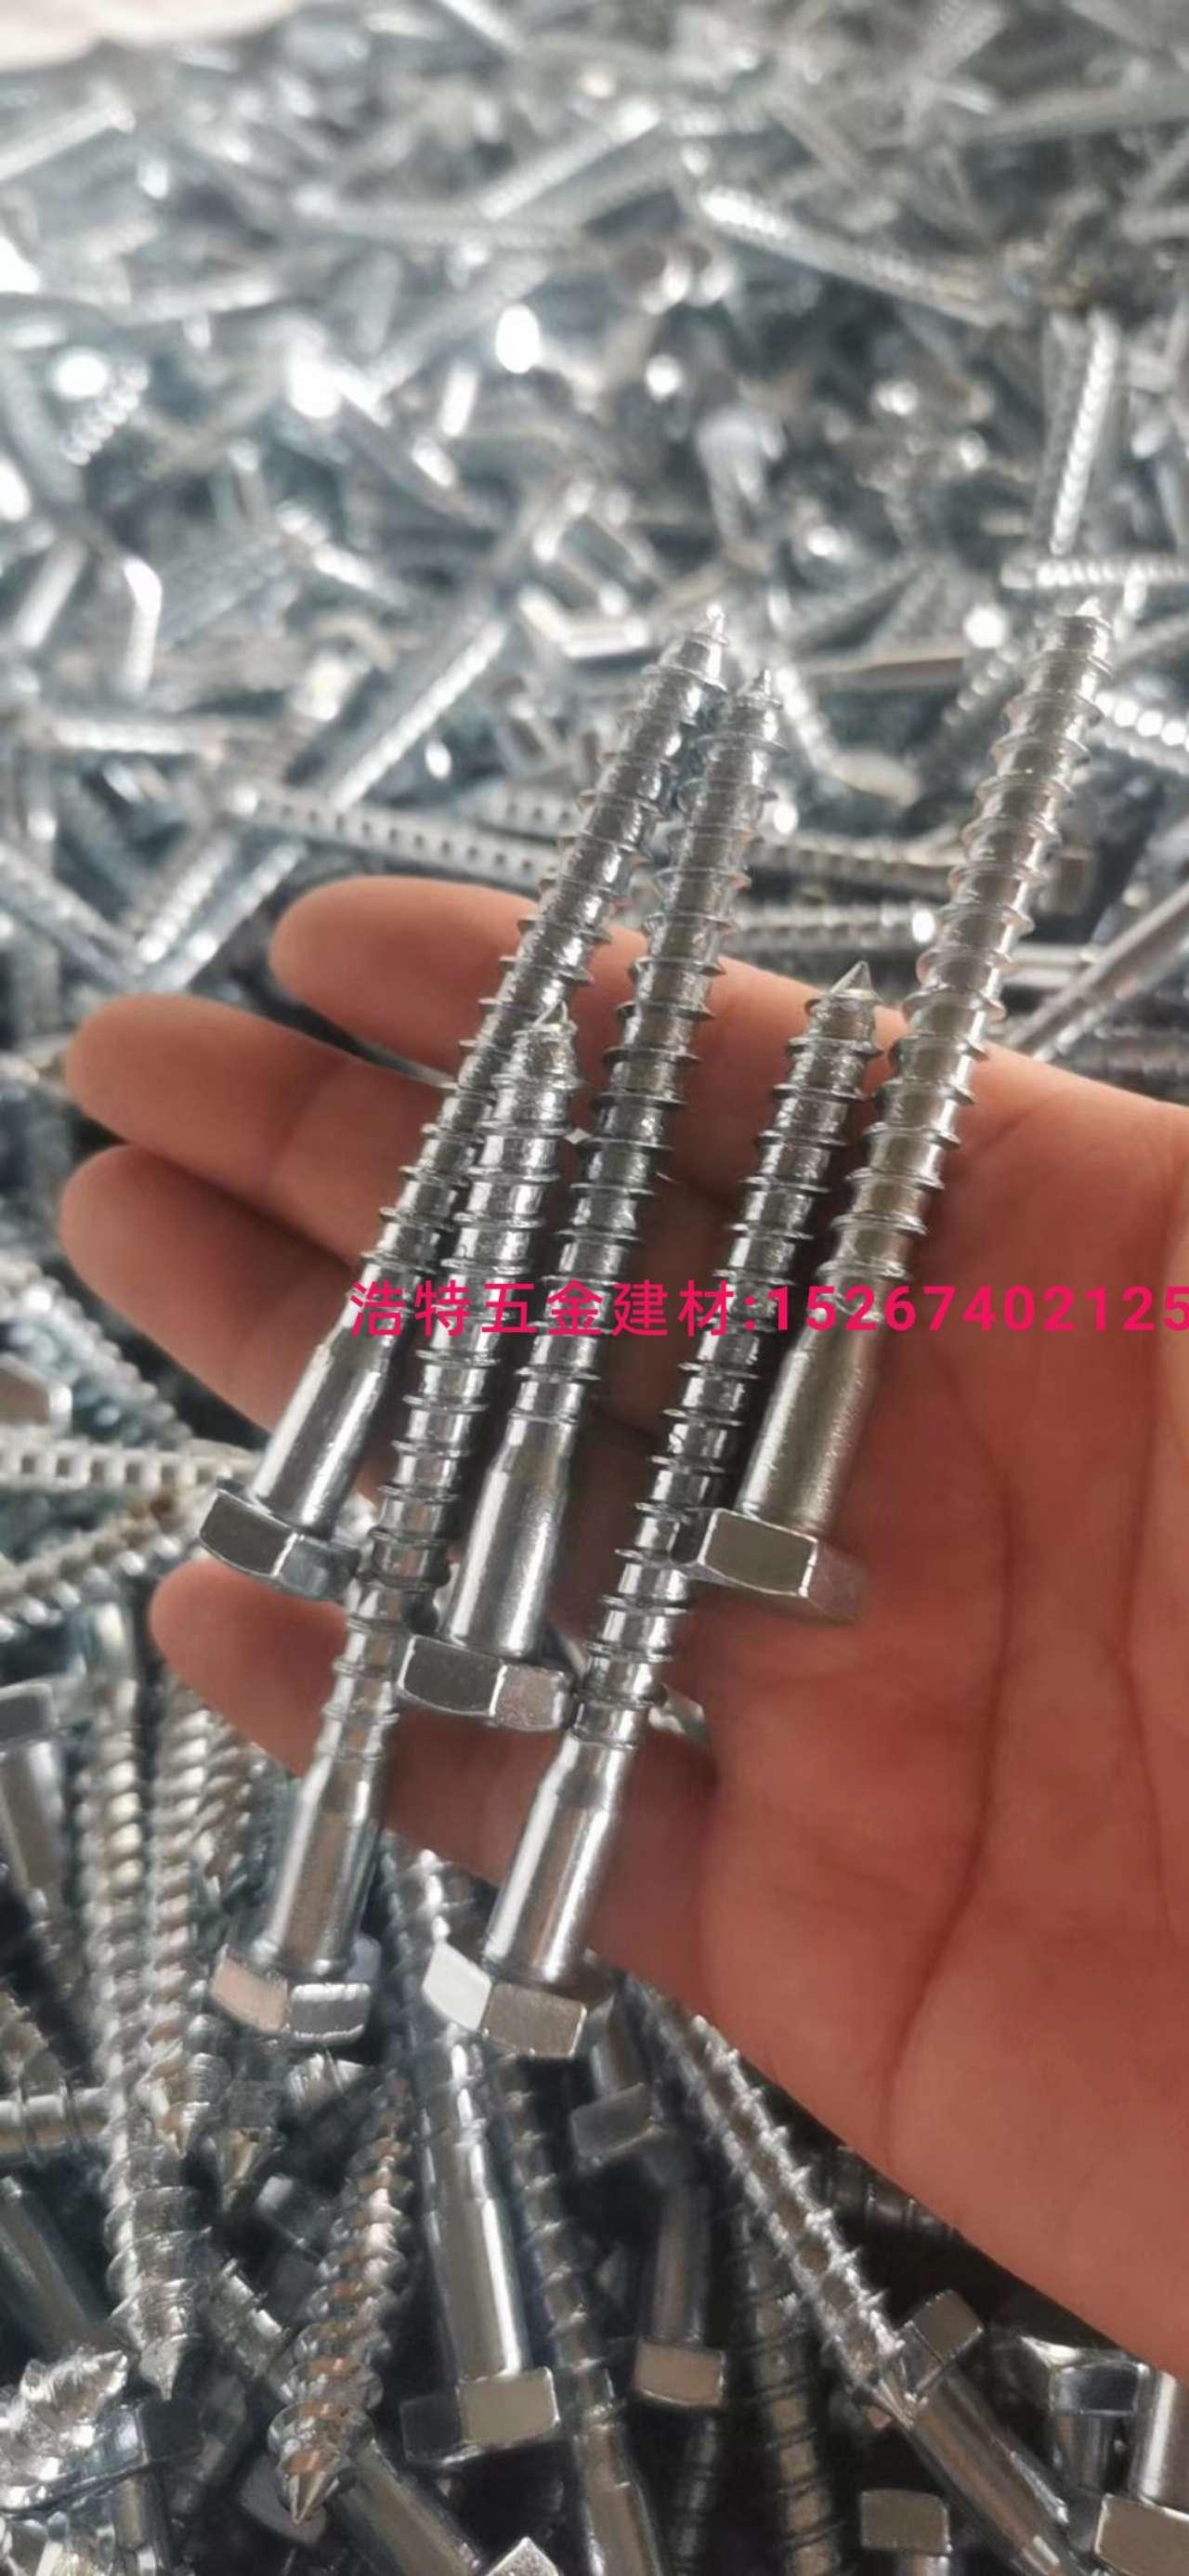 木螺丝马车栓 内六角螺丝外六角螺丝 镀锌标准件 螺丝 螺母 膨胀螺丝 牙条钻尾螺丝 异型螺丝0